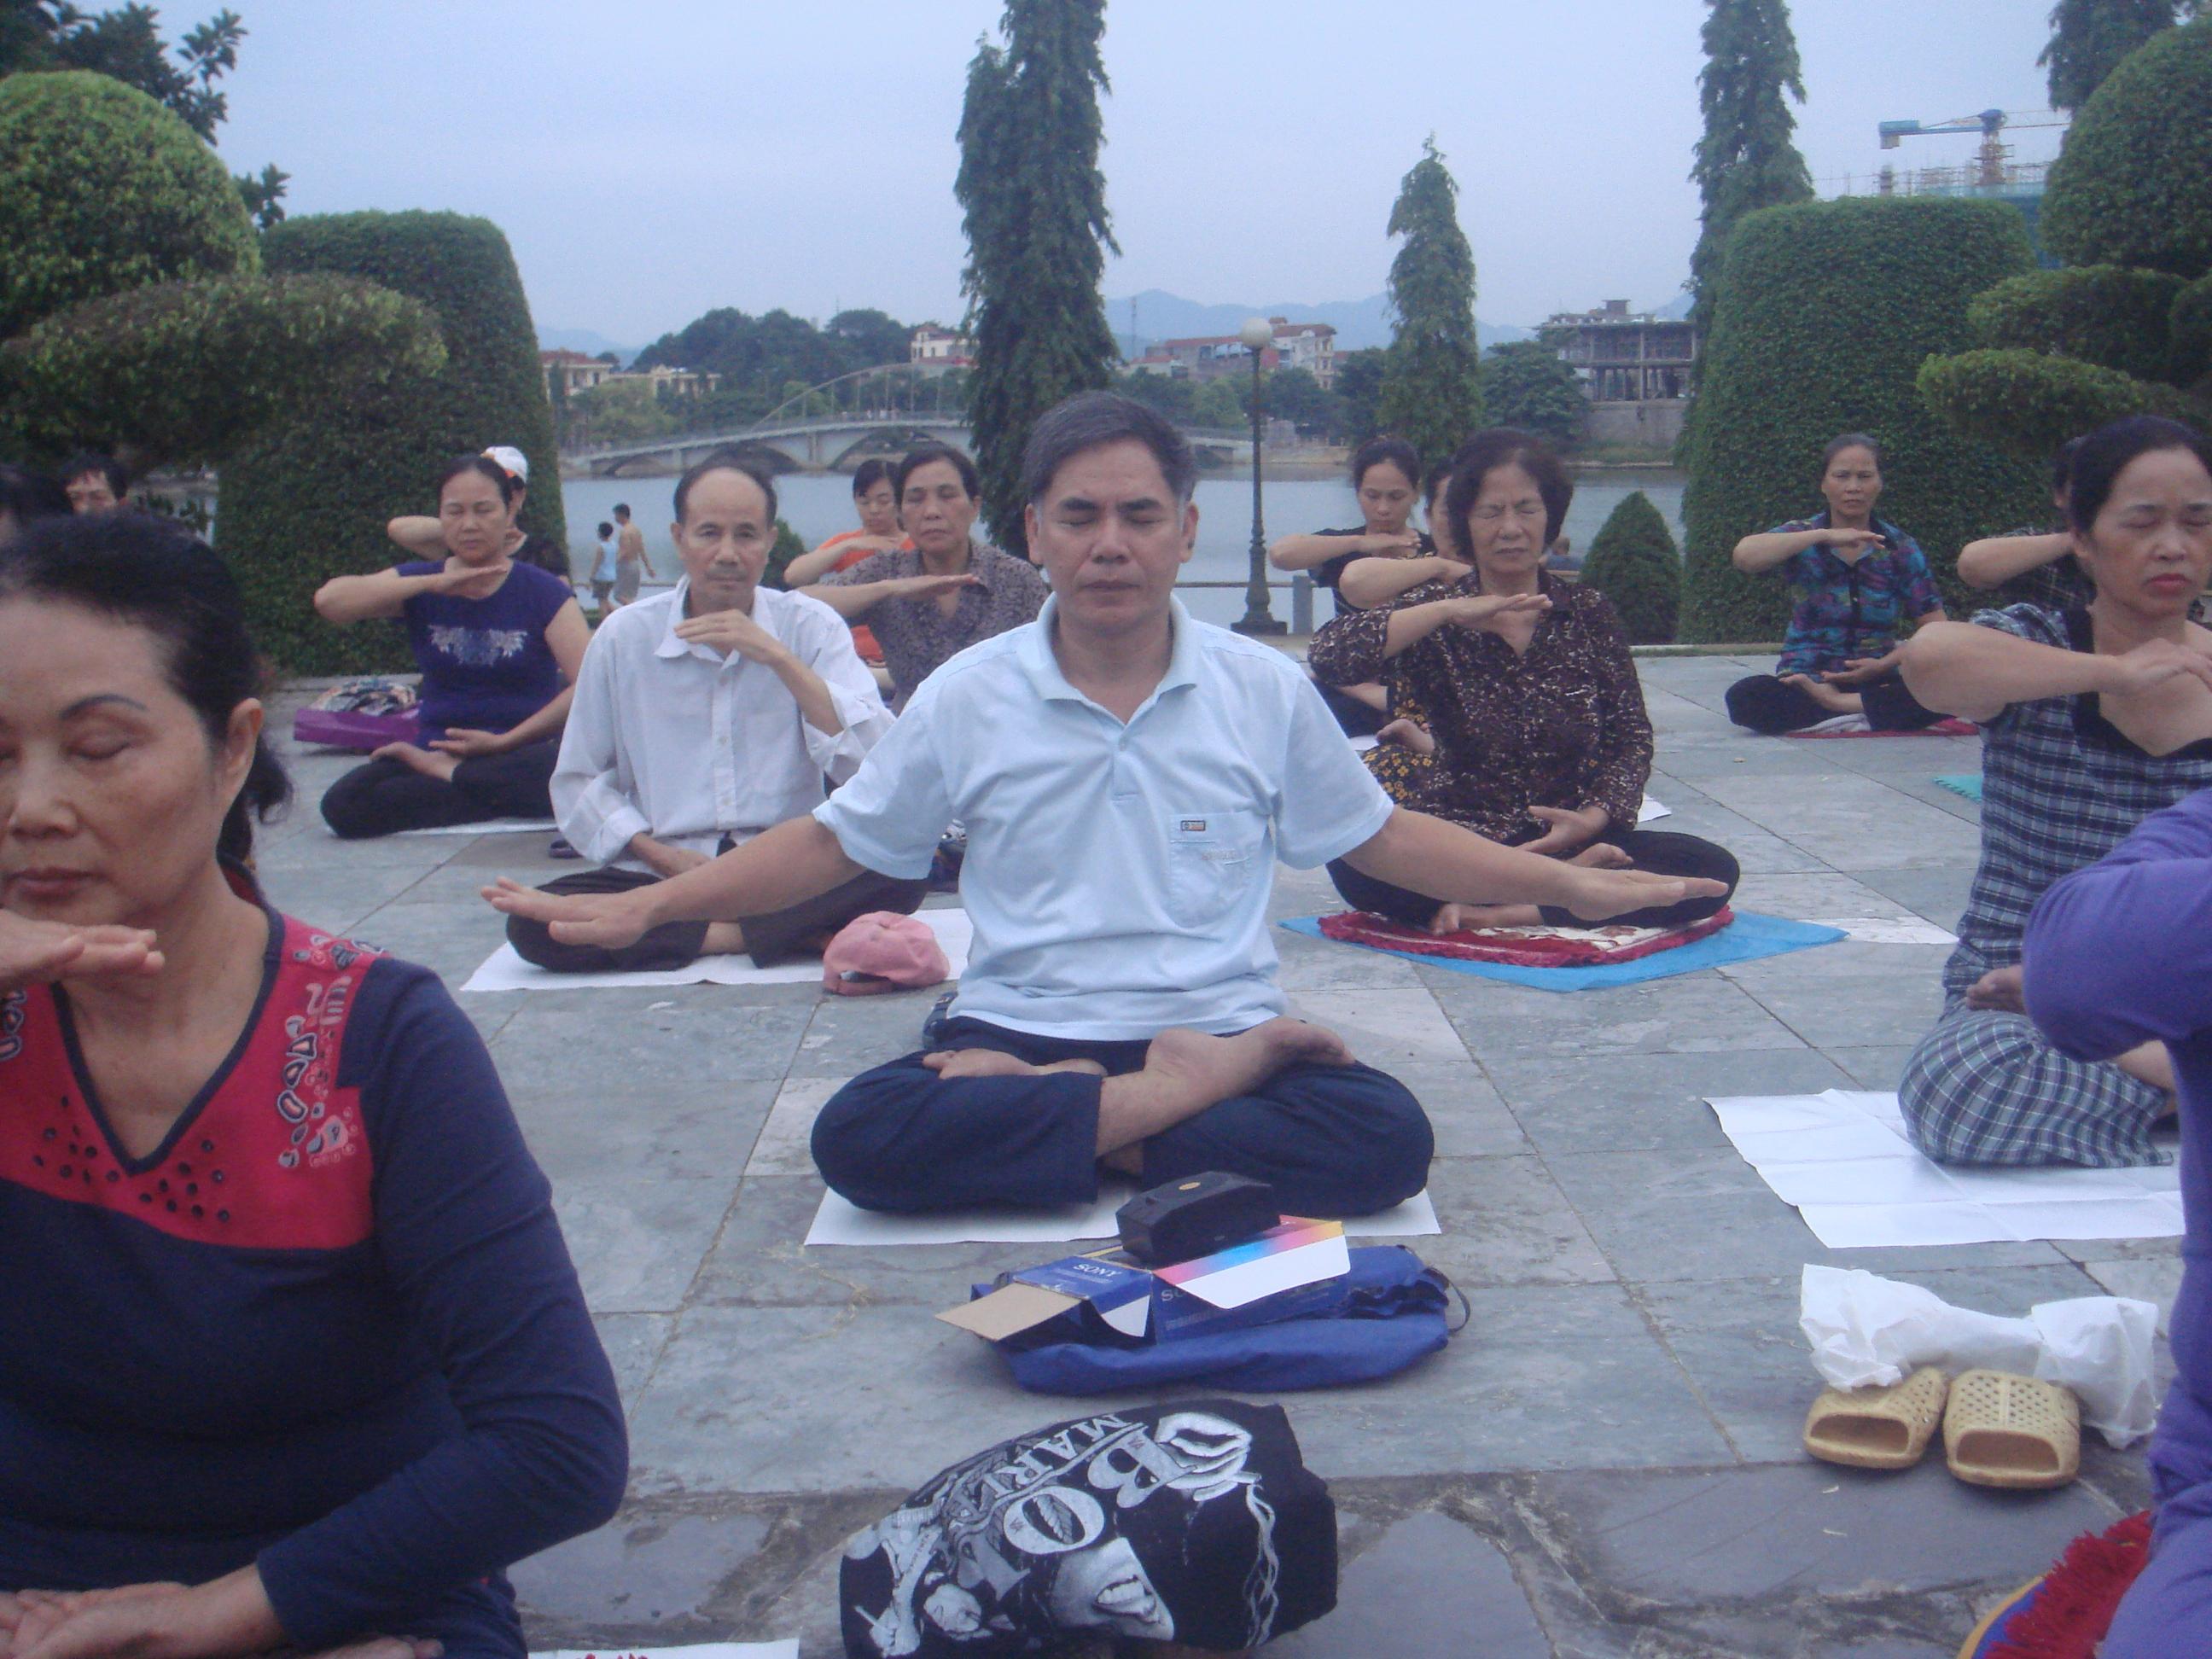 Anh Bái đang luyện bài Công pháp số 5 của Pháp Luân Công cùng mọi người ở công viên Yên Hòa thành phố Yên Bái (người áo trắng cộc tay ở giữa). Ảnh do anh Bái cung cấp.